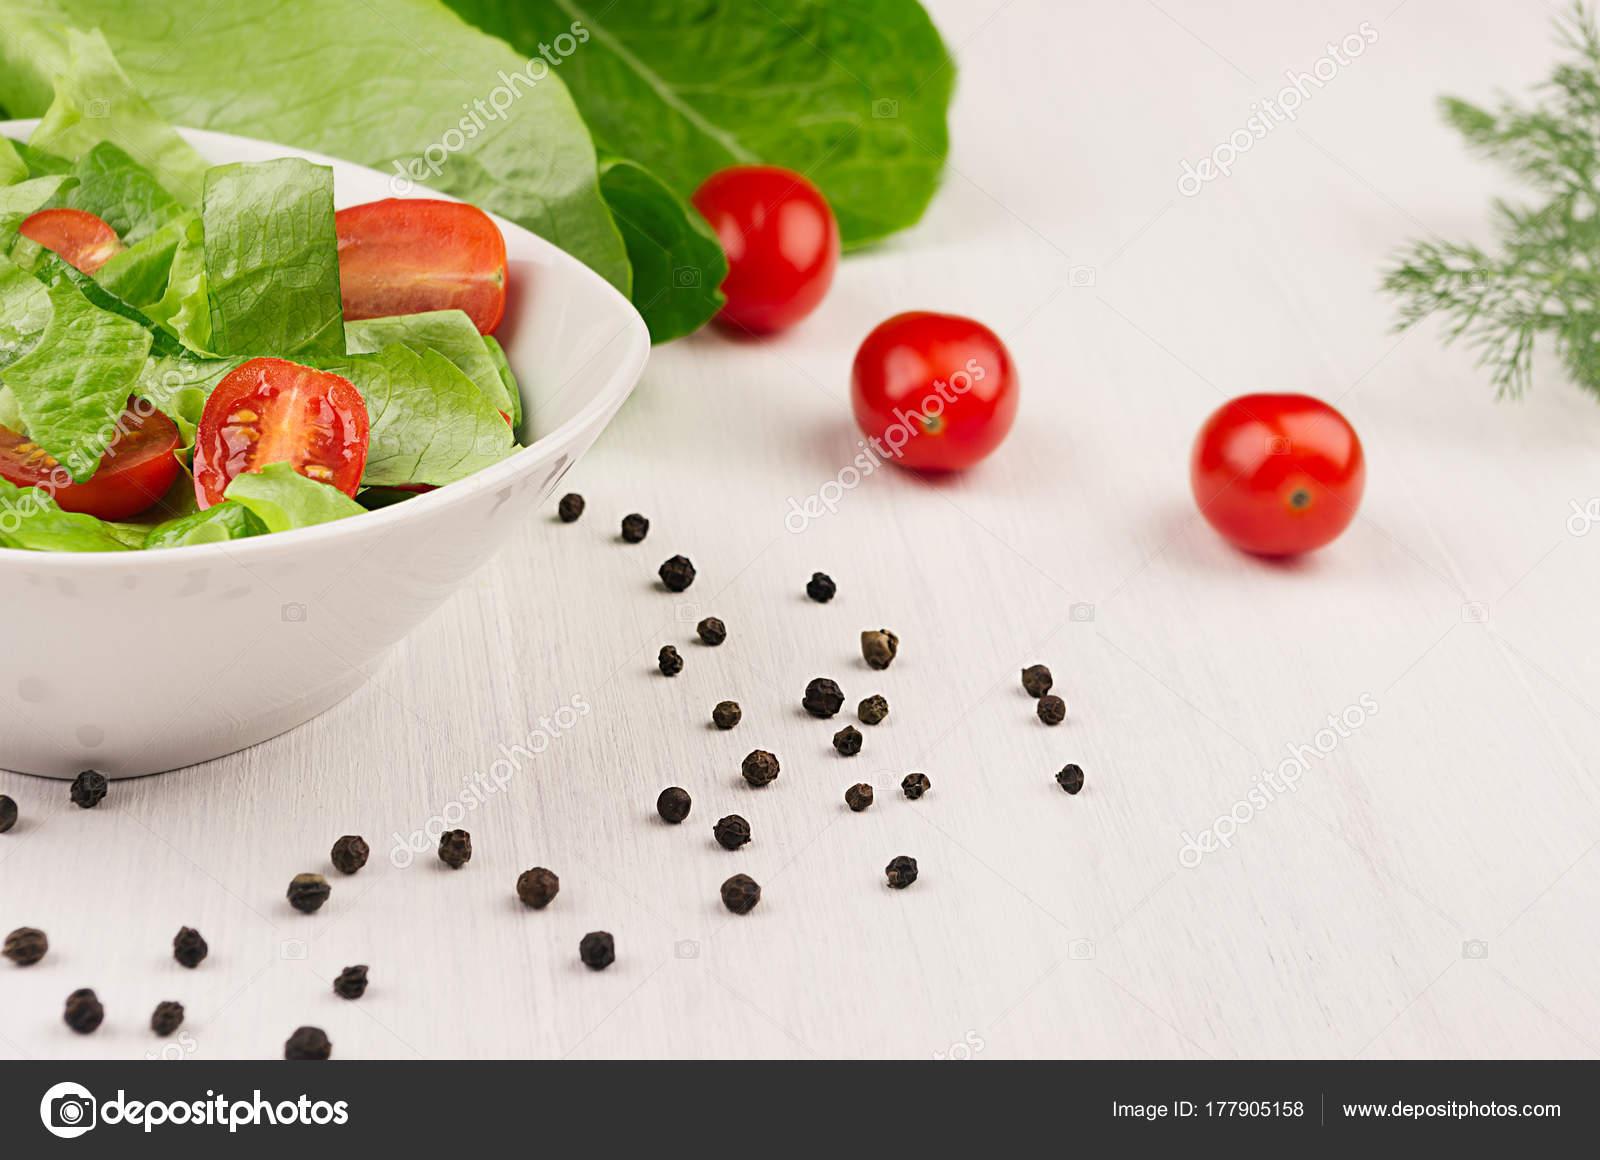 Перец овощной томатная диета овощи здоровые свежие фоновое.